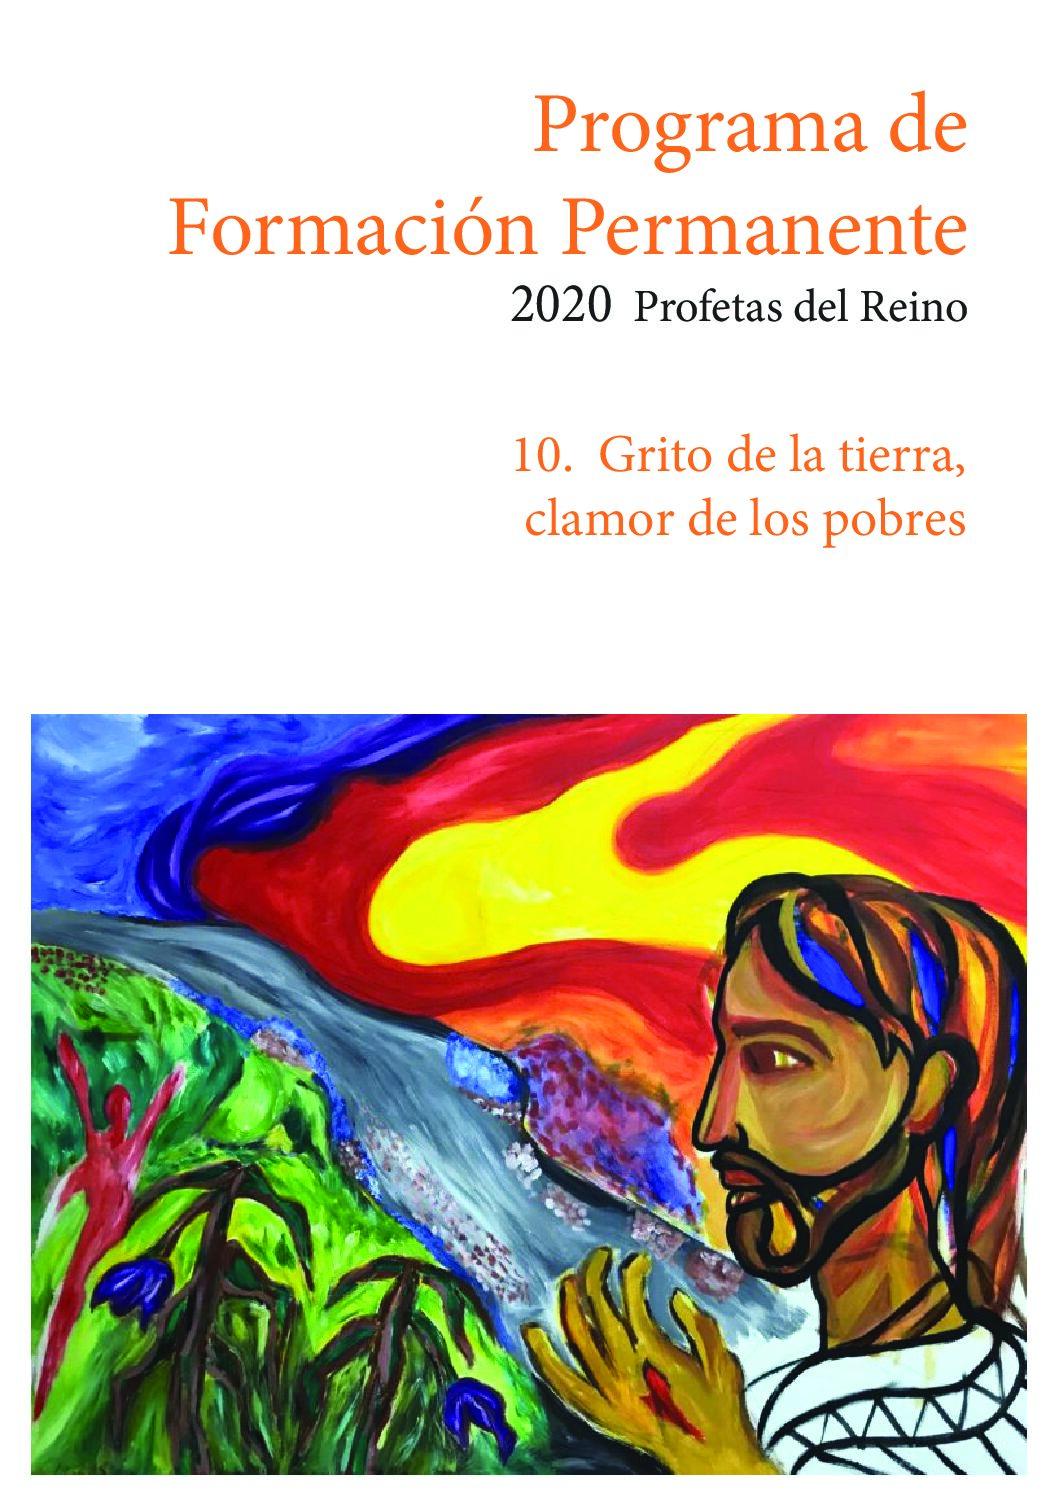 10-Grito-de-la-tierra-clamor-de-los-pobres-pdf[1]